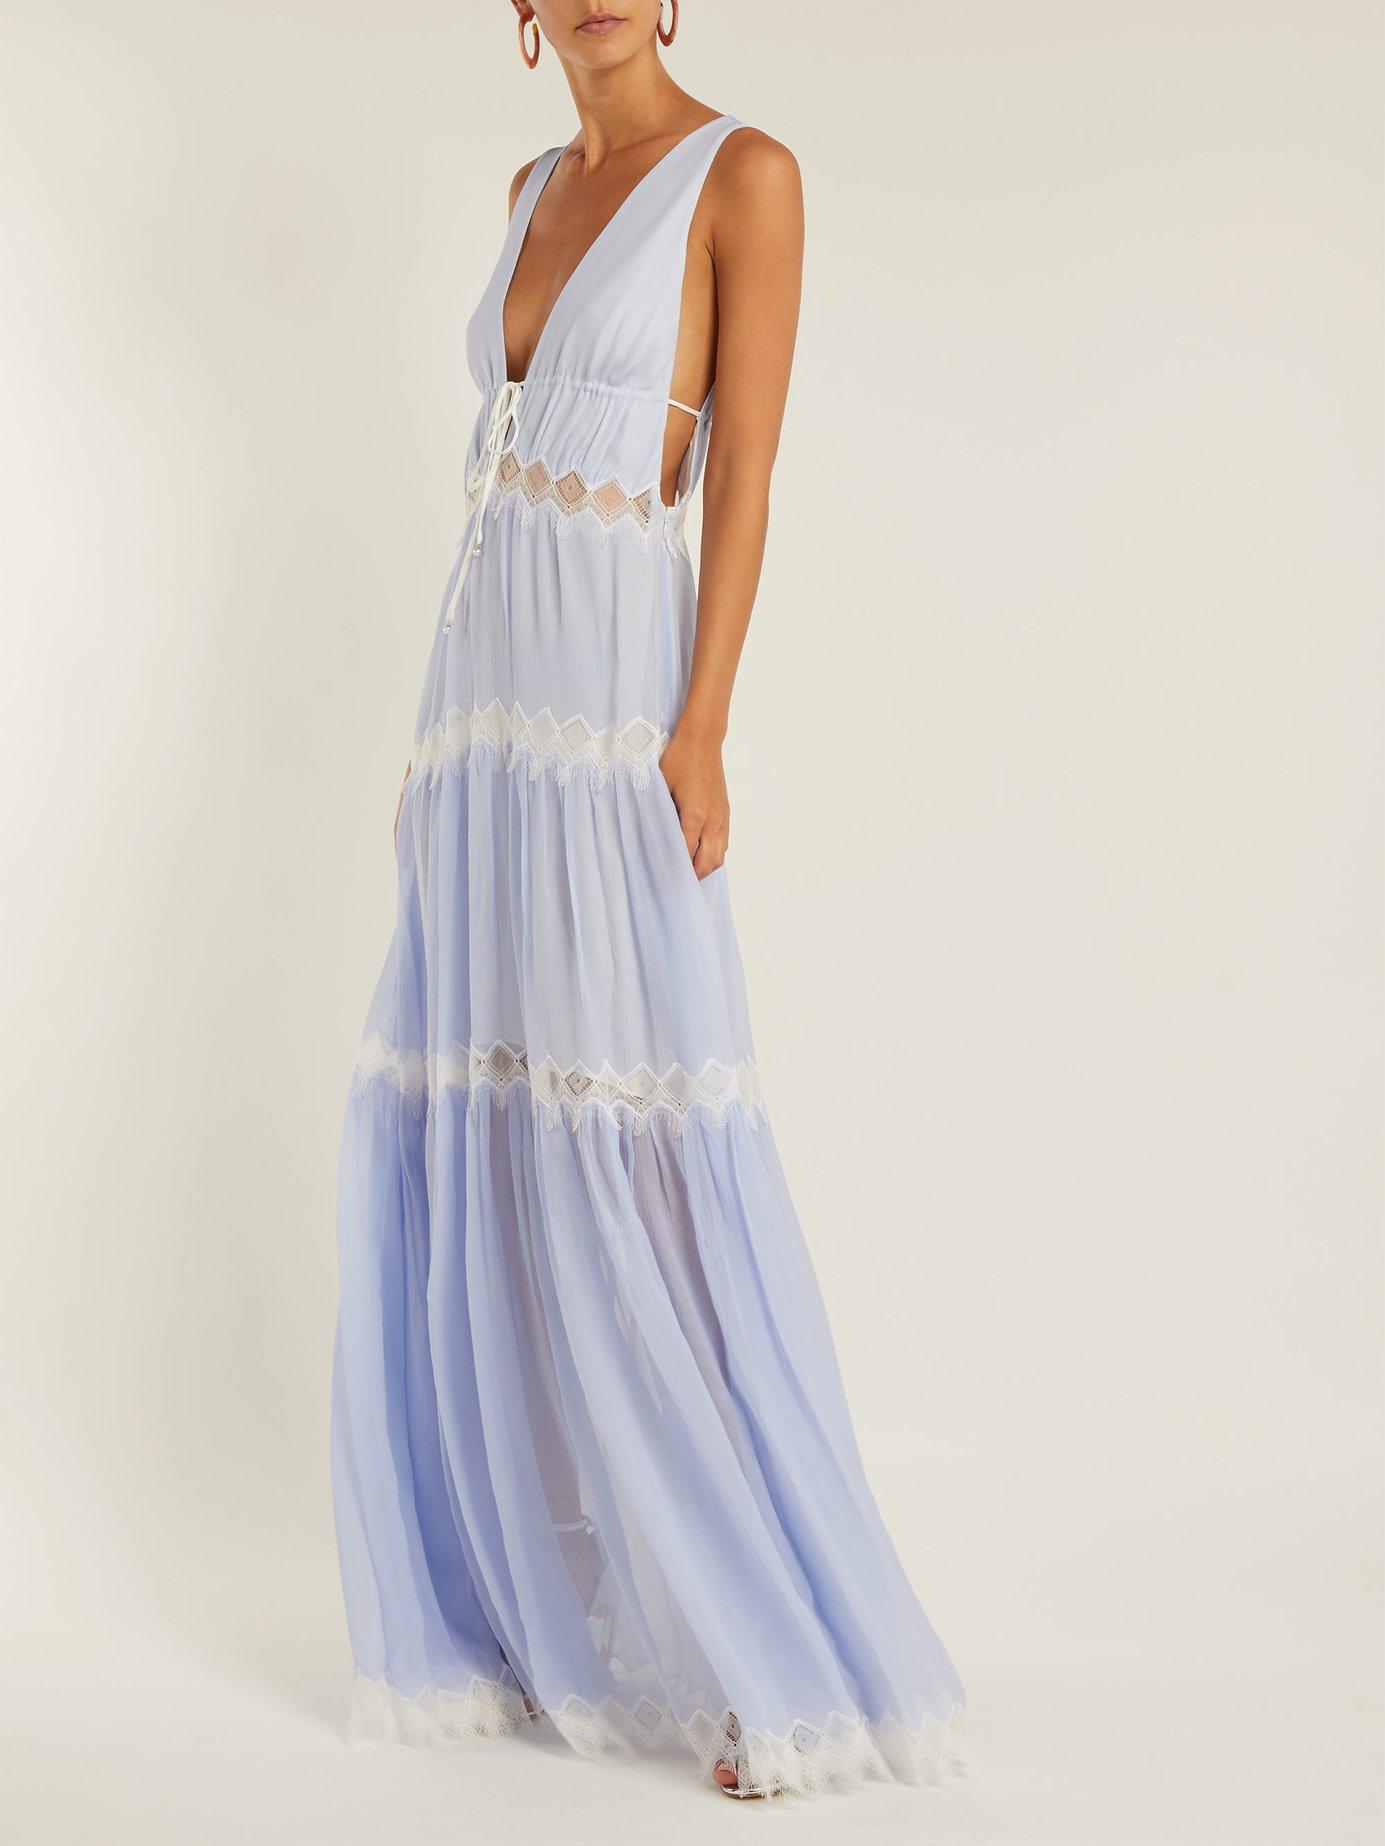 Lace-embellished silk maxi dress by Jonathan Simkhai